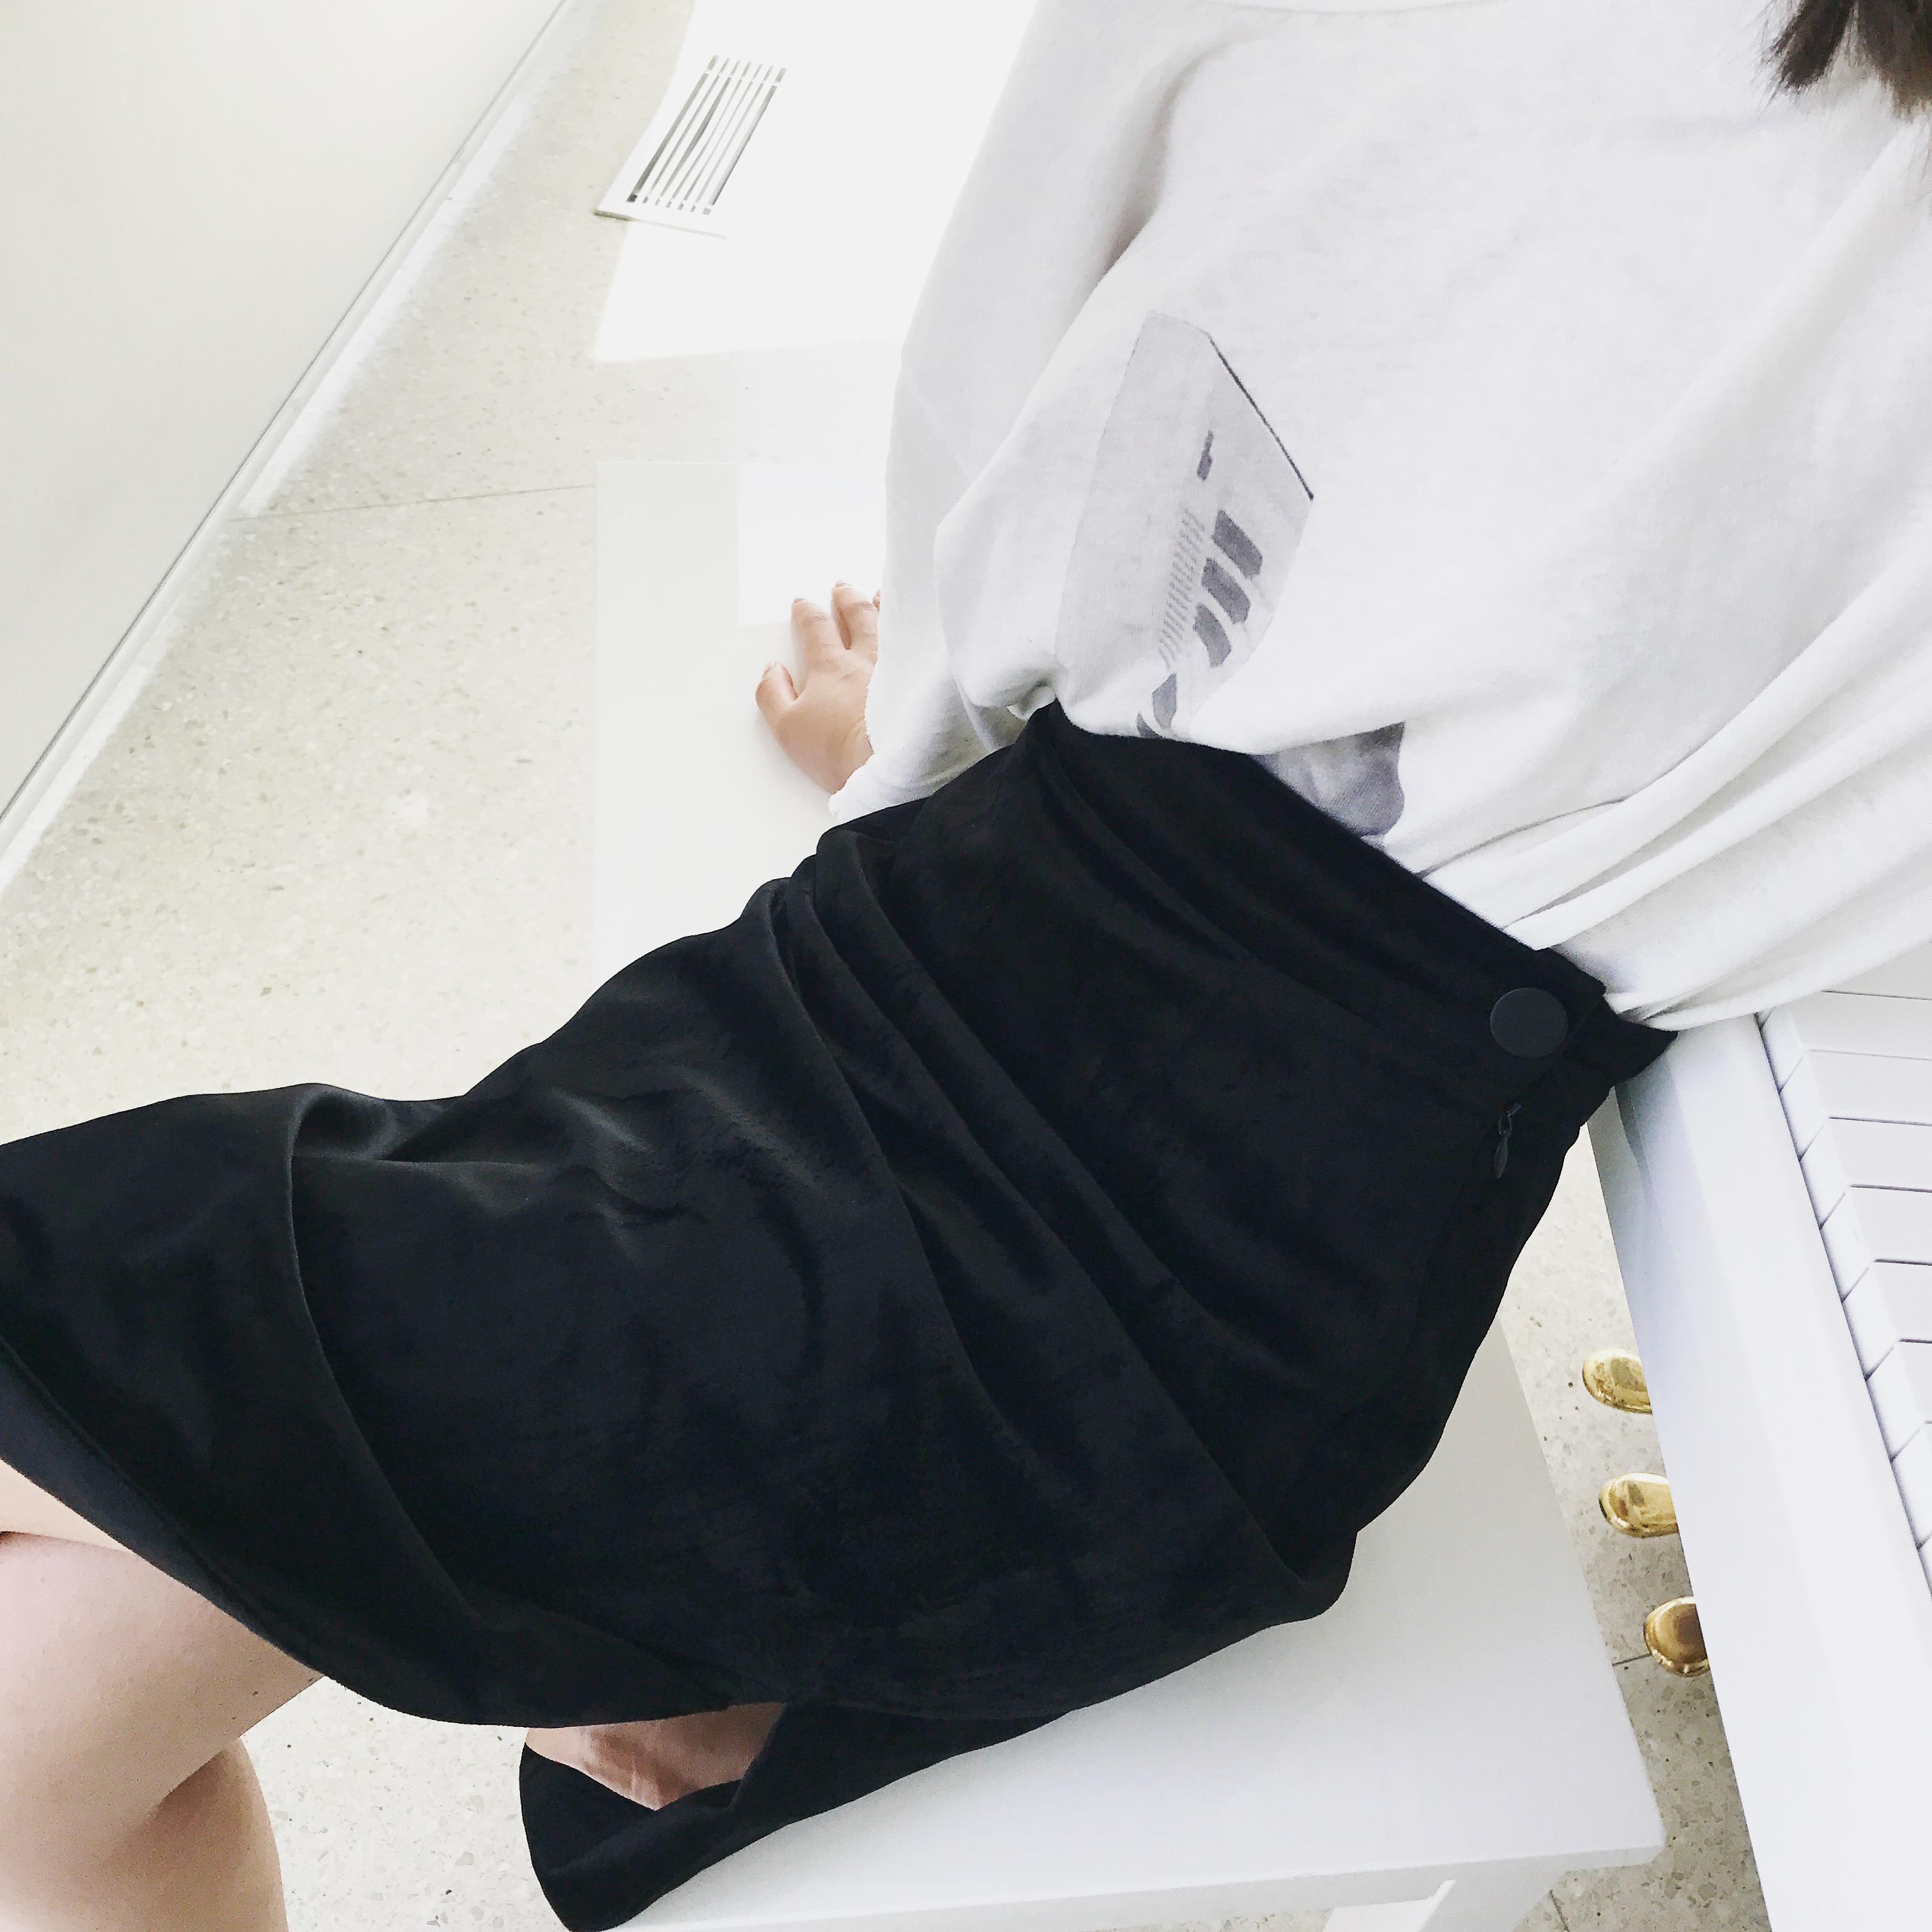 vcruan 阿希哥半身裙夏女2018新款chic斜边复古丝绒a字包臀短裙潮